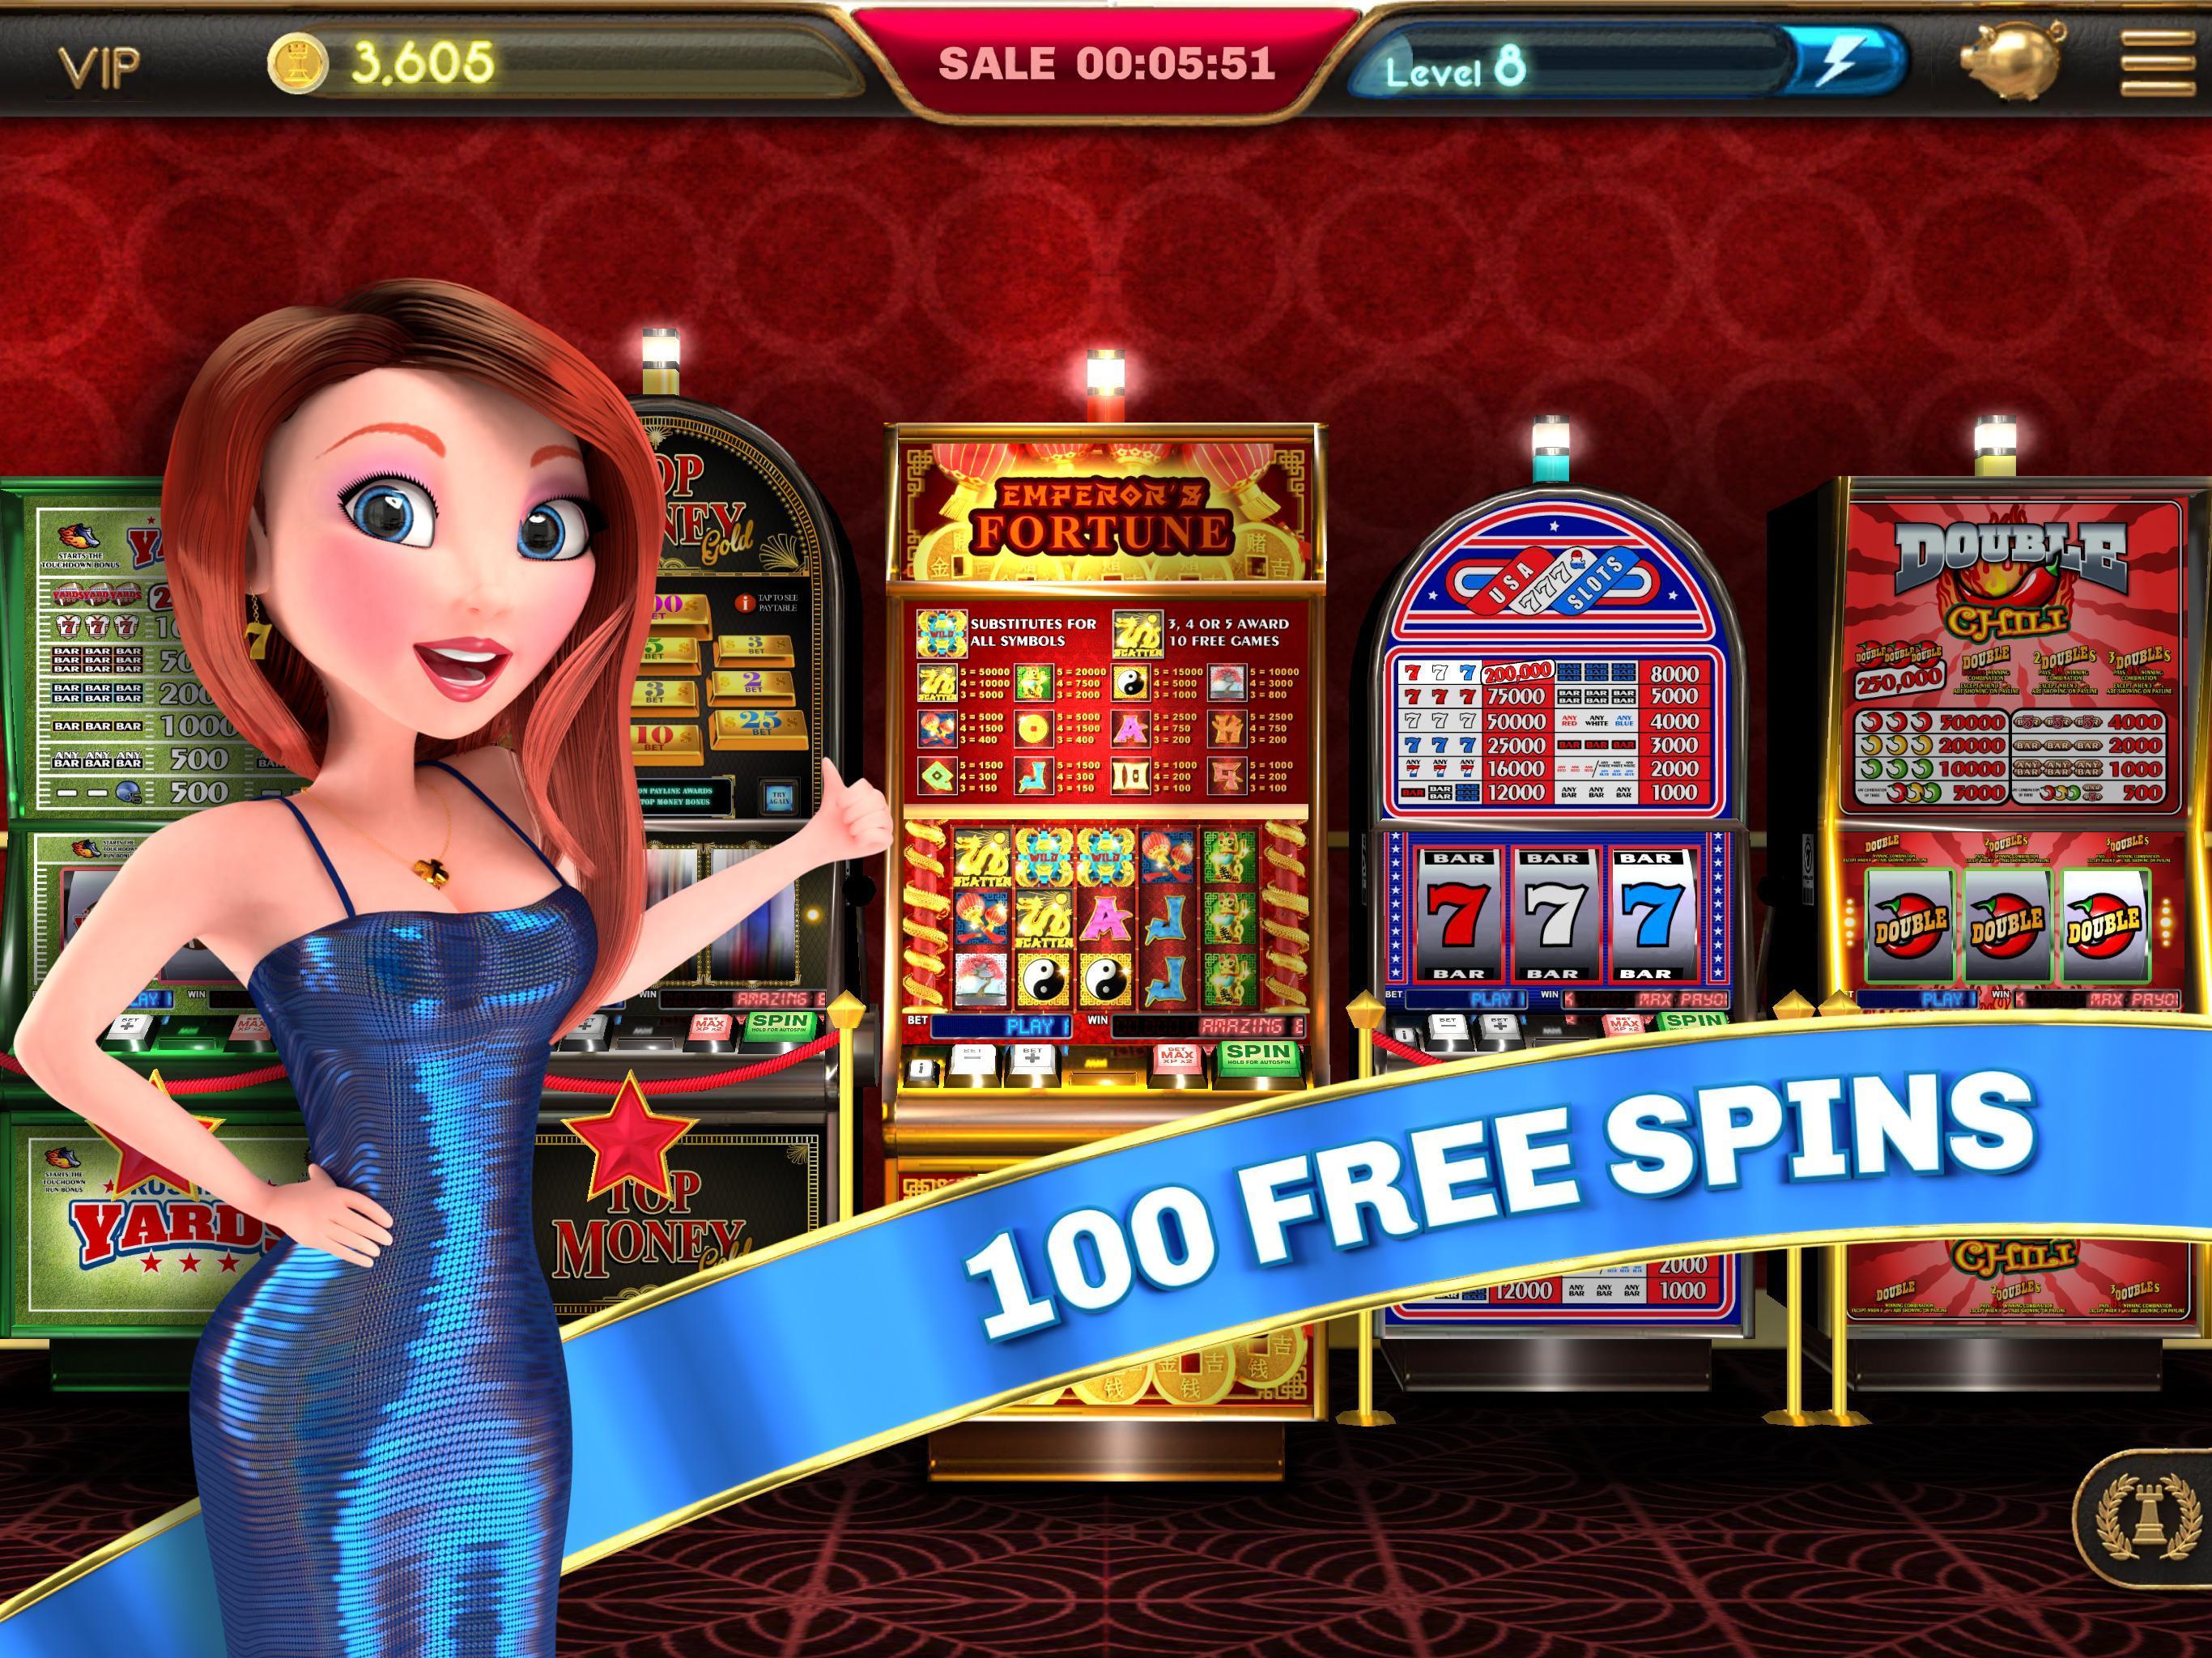 Видео игры казино скачать покер старс расписание онлайн турниров 2020